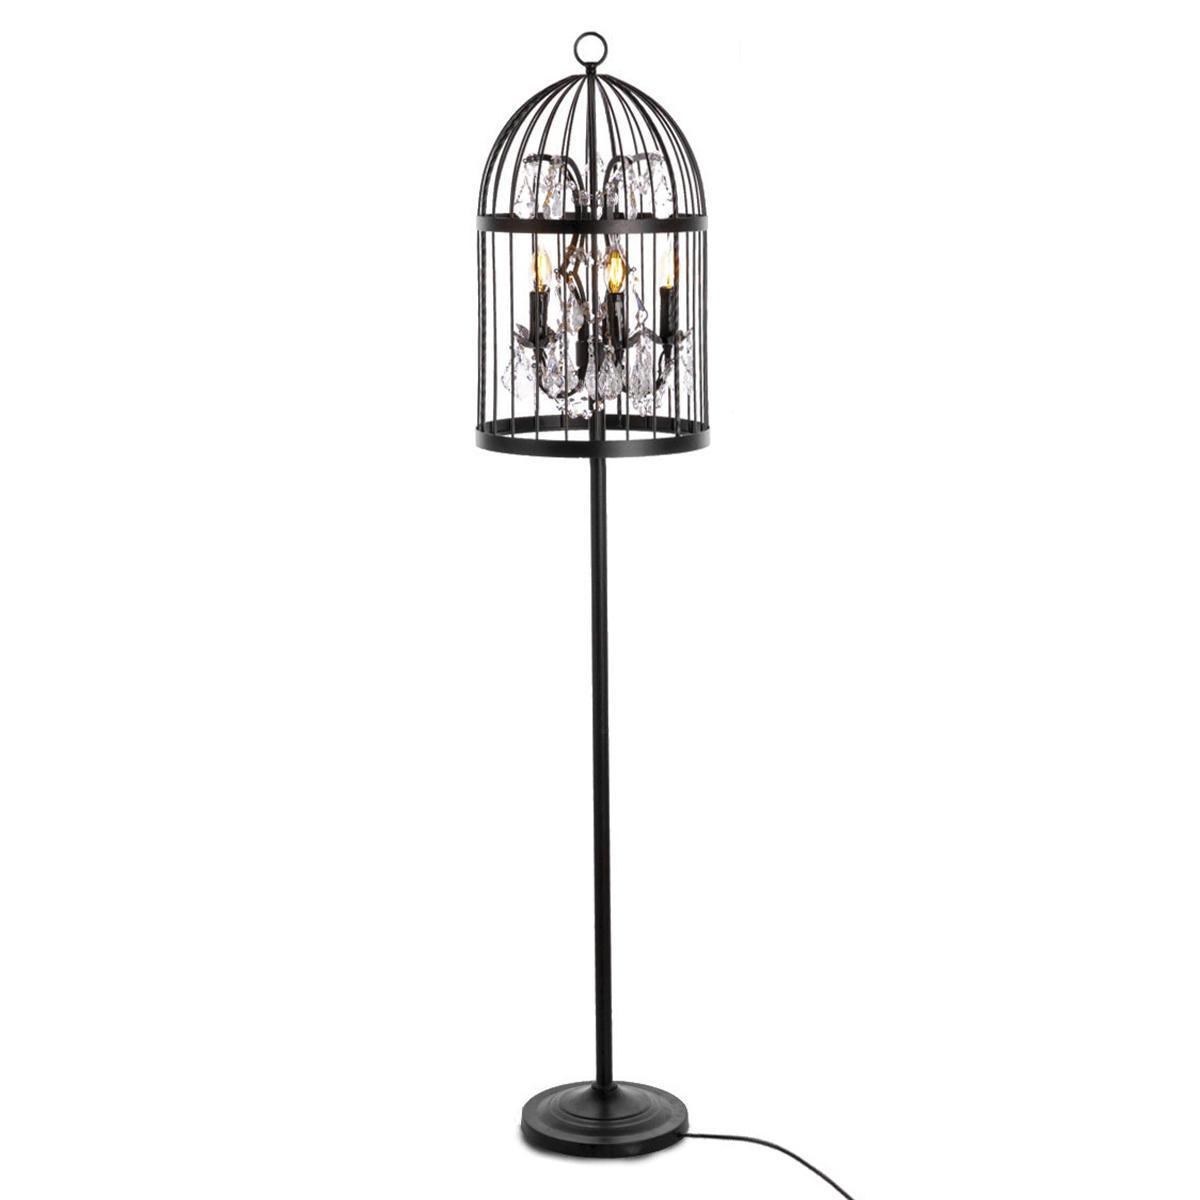 Торшер Loft It Vintage Birdcage LOFT1891F, 5xE14x40W, черный, прозрачный, металл, хрусталь - фото 1